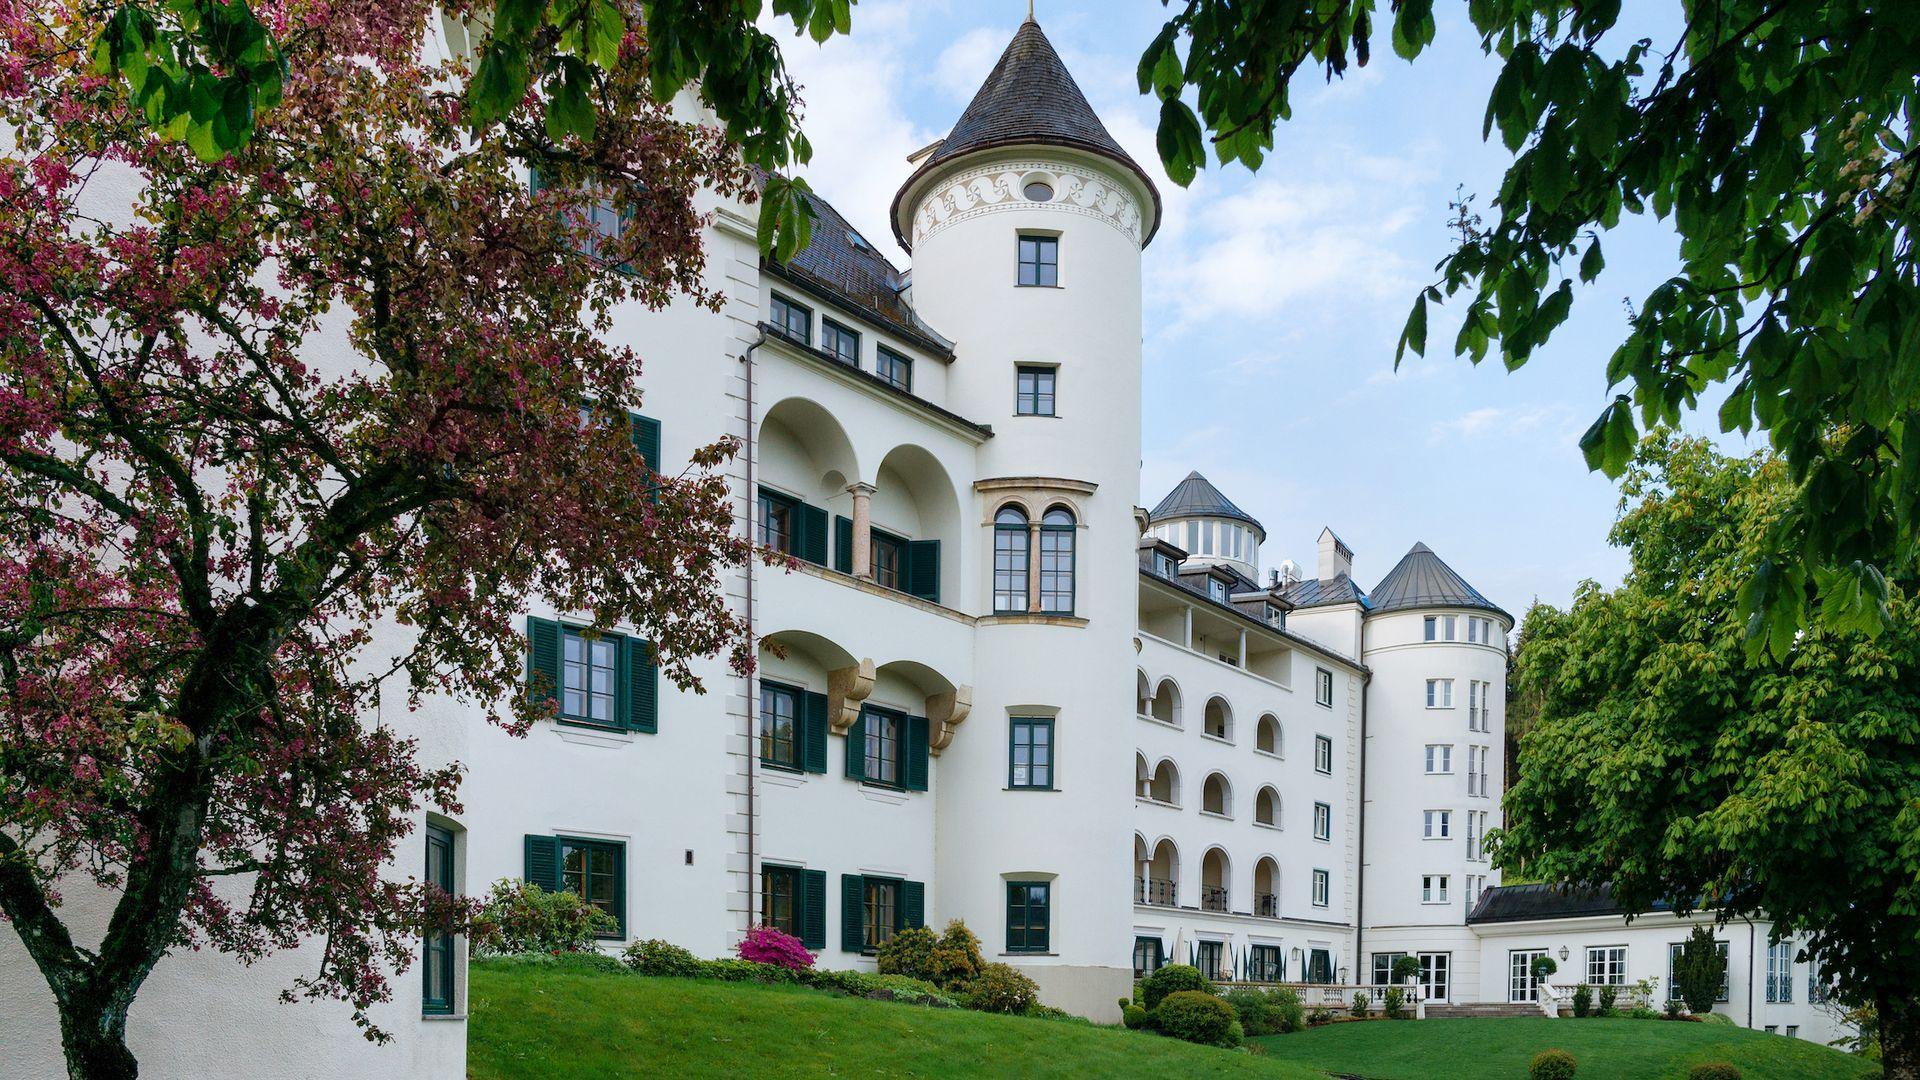 5* Hotel Schloss Pichlarn